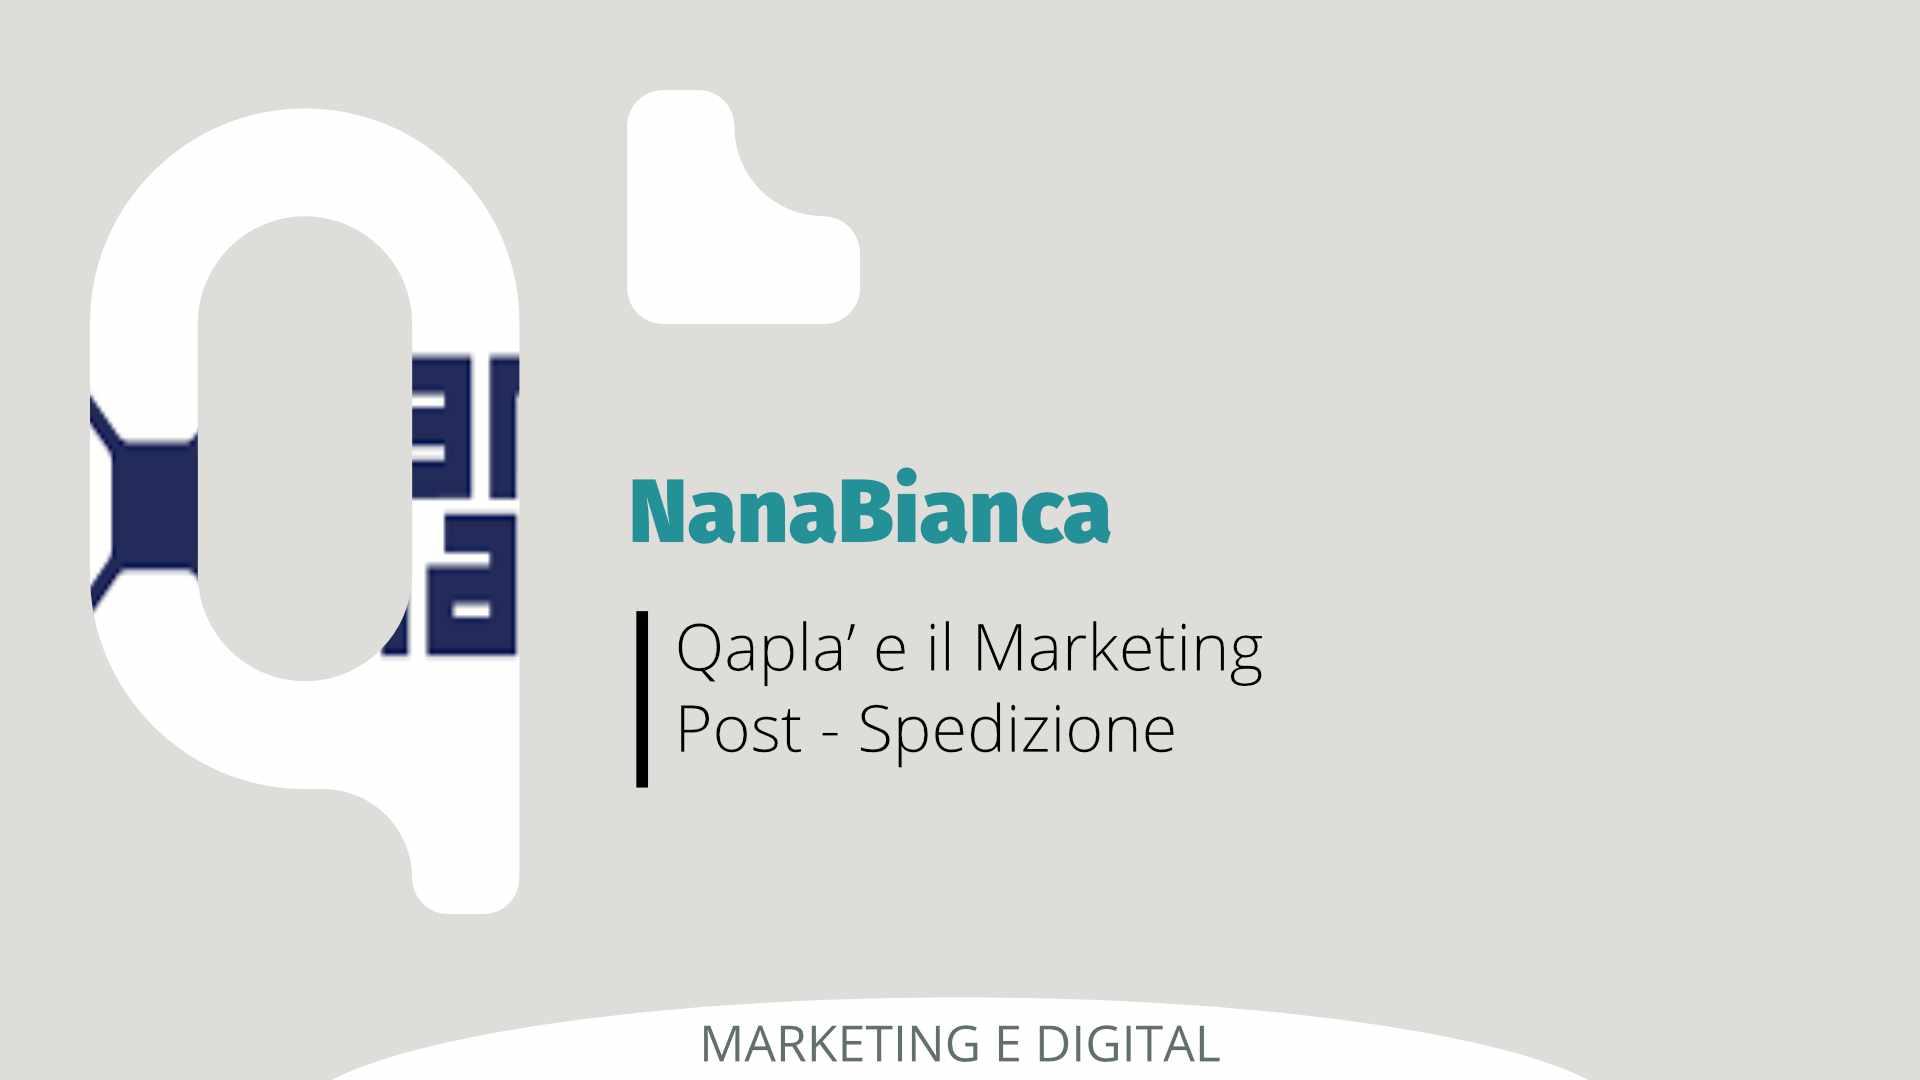 Qapla' e il Marketing Post Spedizione – il Video della giornata in Nana Bianca